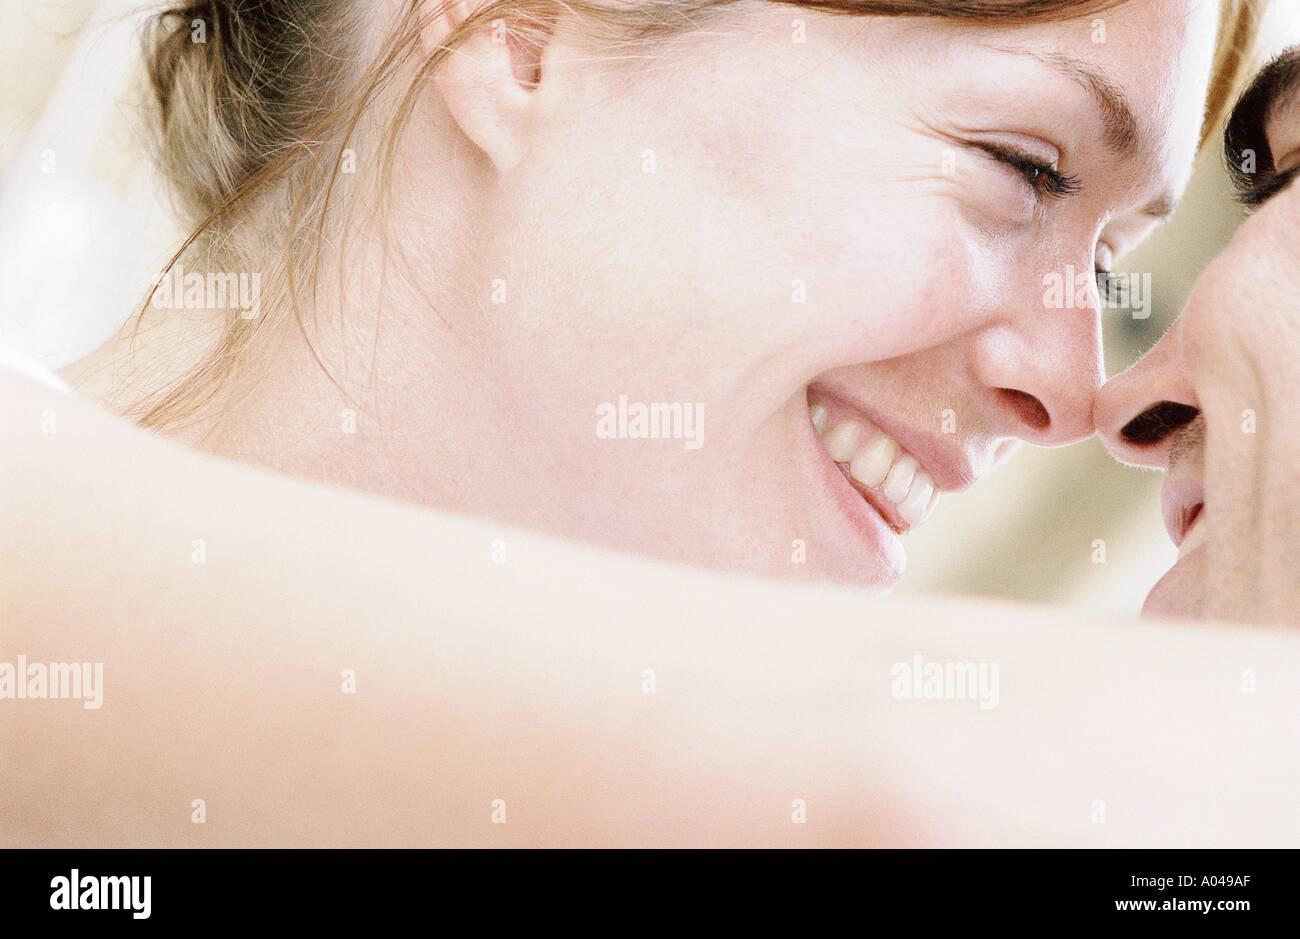 Detail der junge paar Köpfe zusammen auf der Suche in jedem anderen Augen hautnah Stockbild